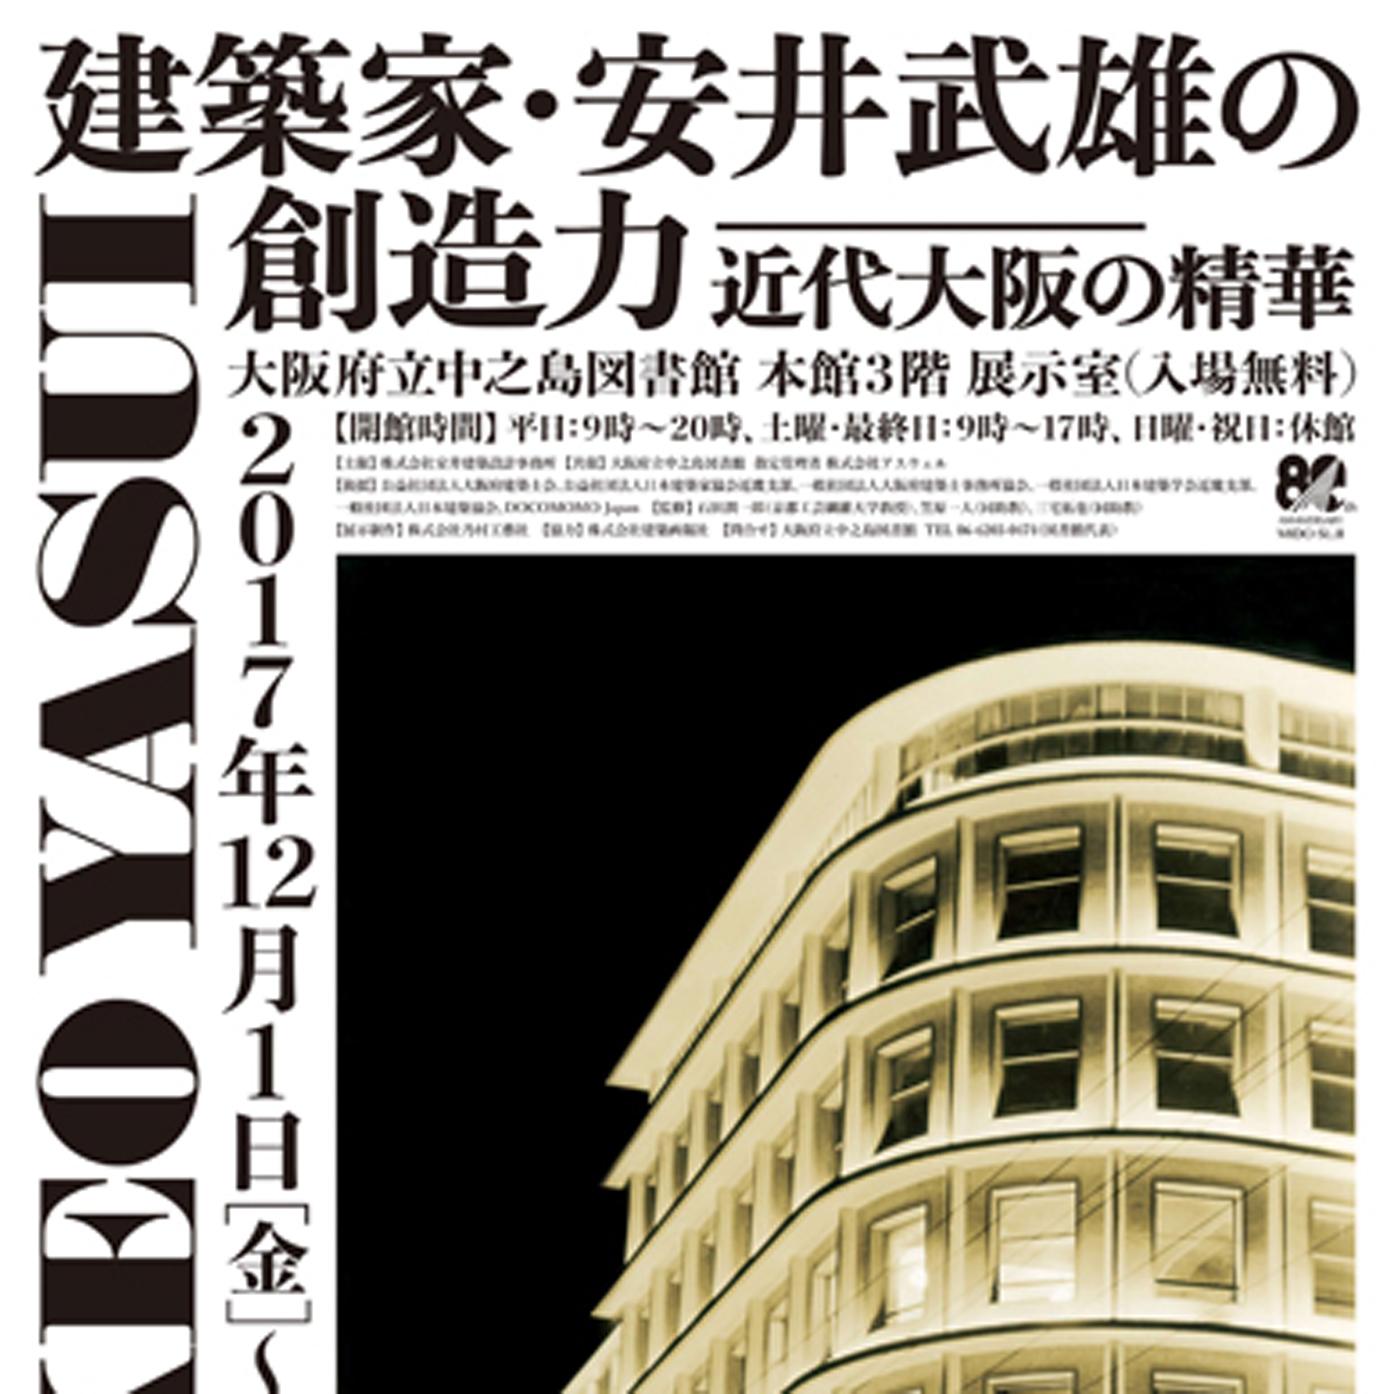 安井武雄展「建築家・安井武雄の創造力-近代大阪の精華-」